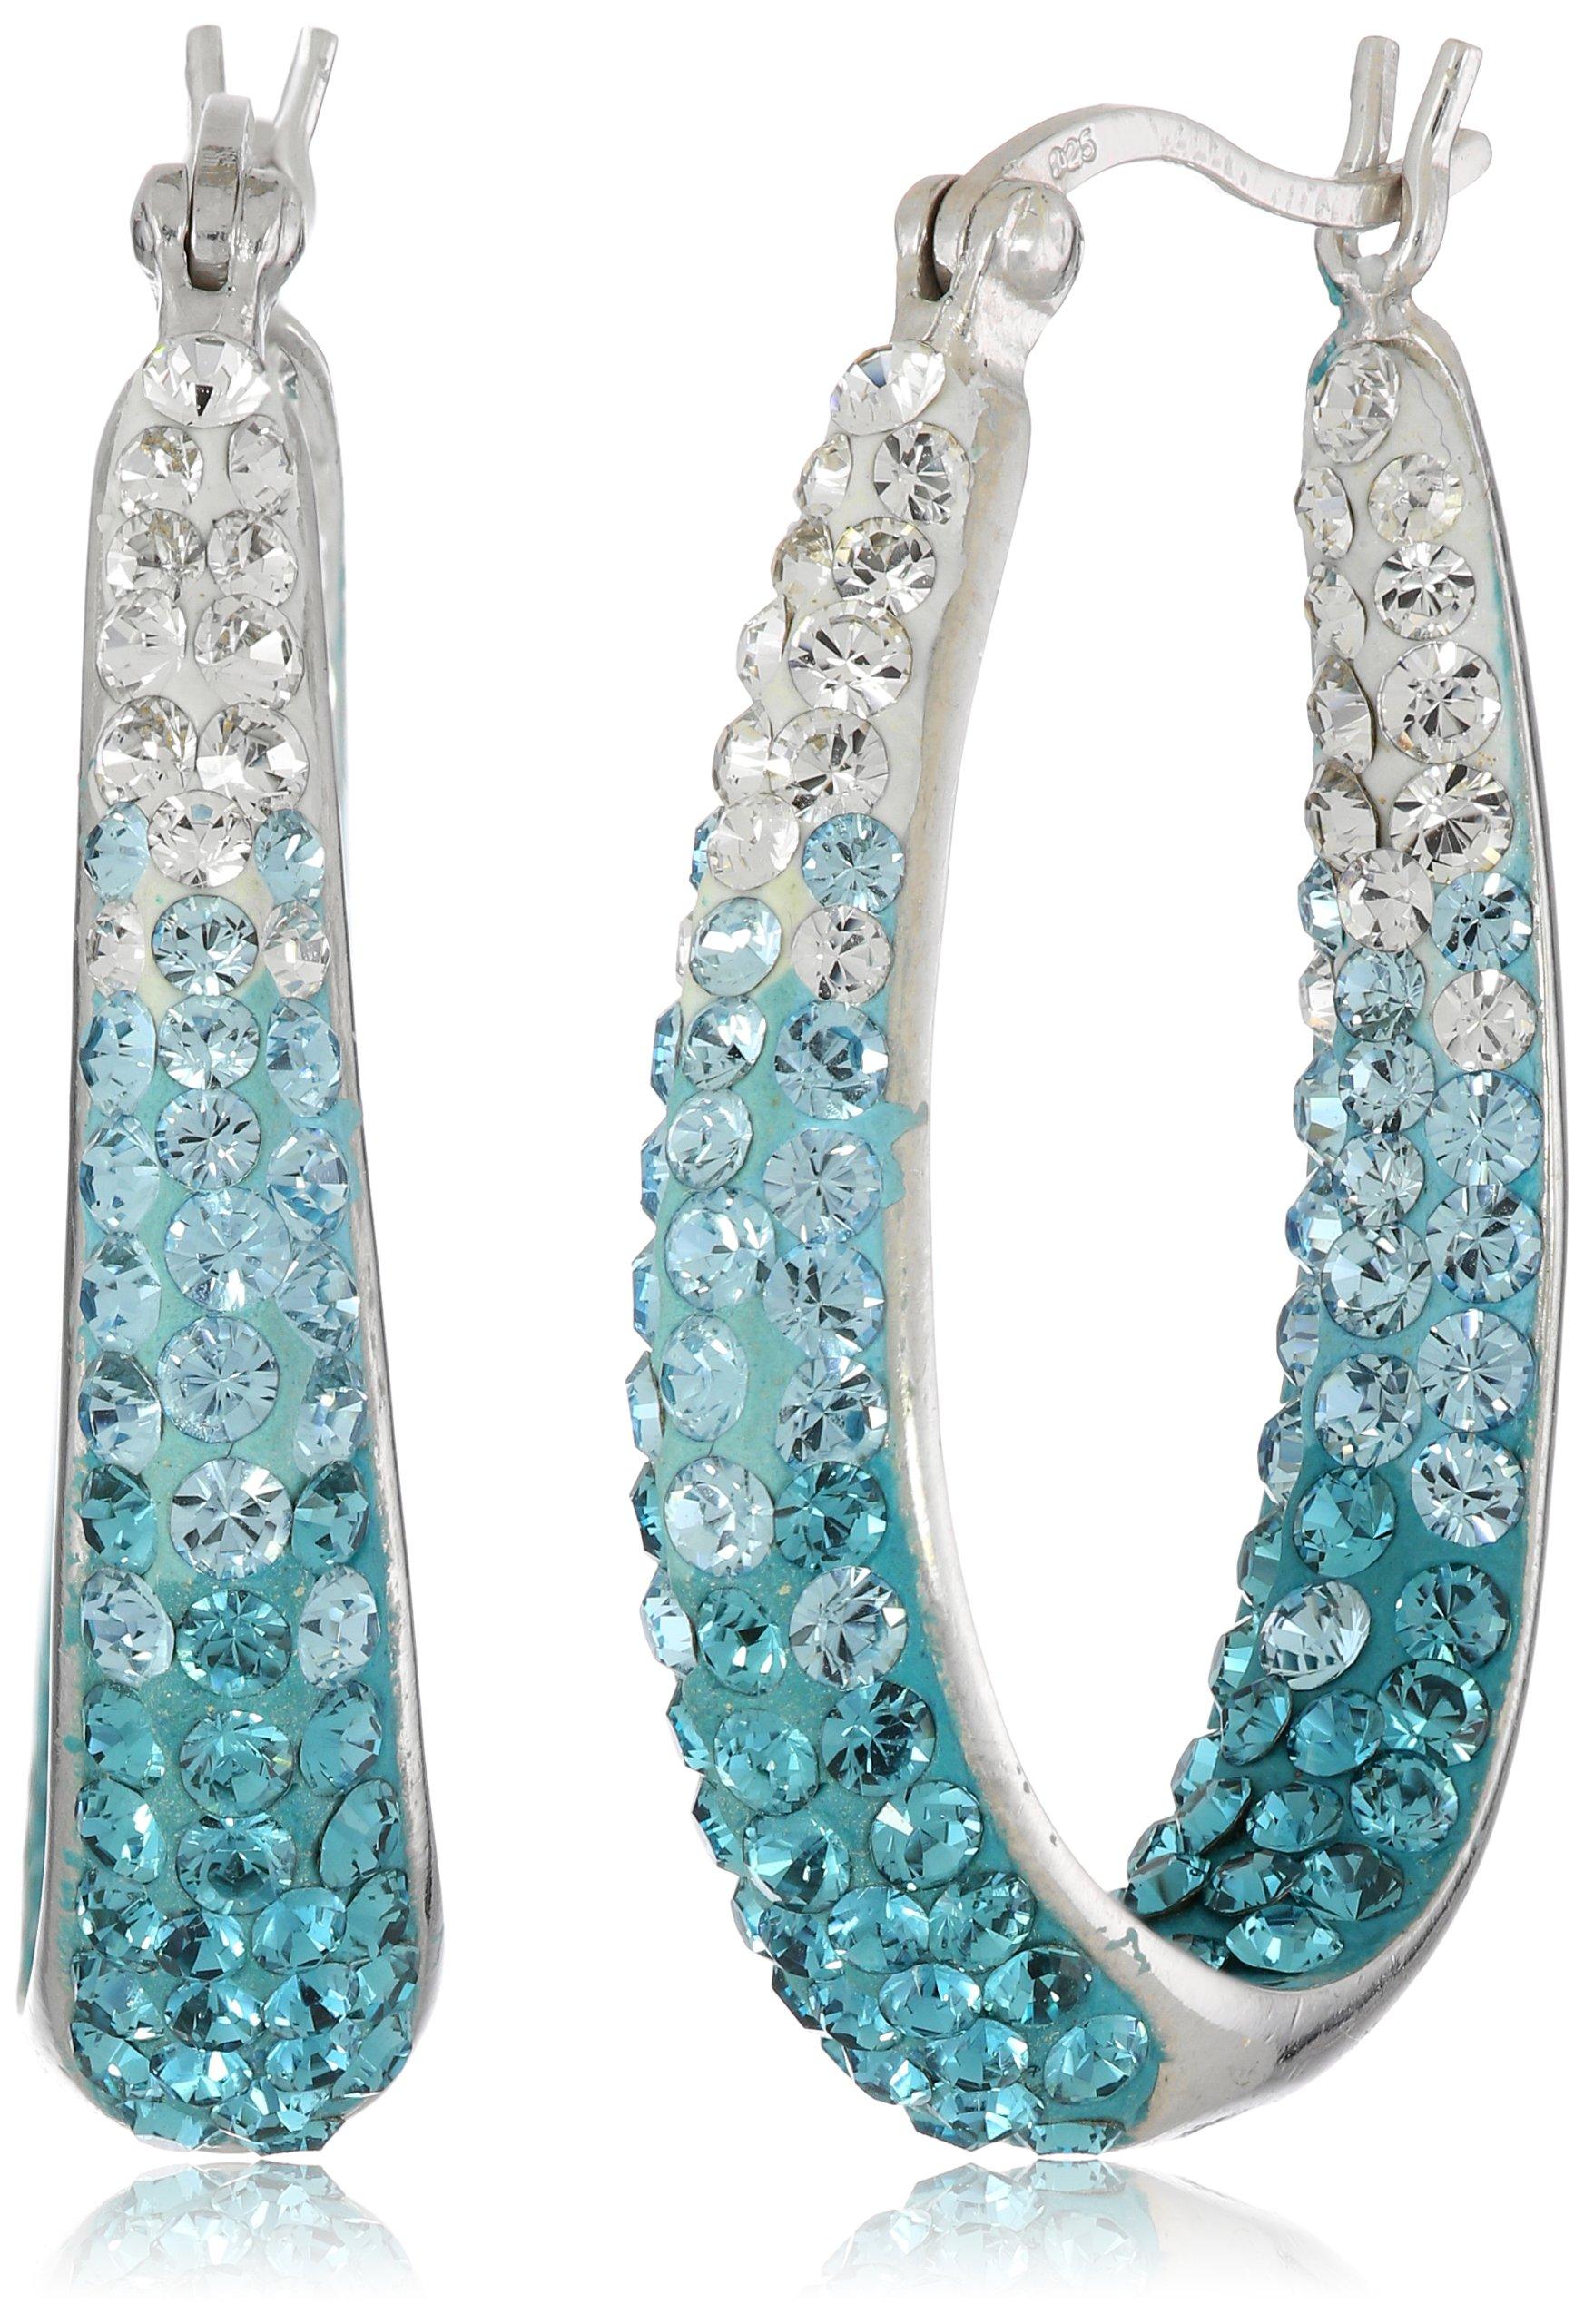 Carnevale Sterling Silver Hoop Earrings with Swarovski Elements  image